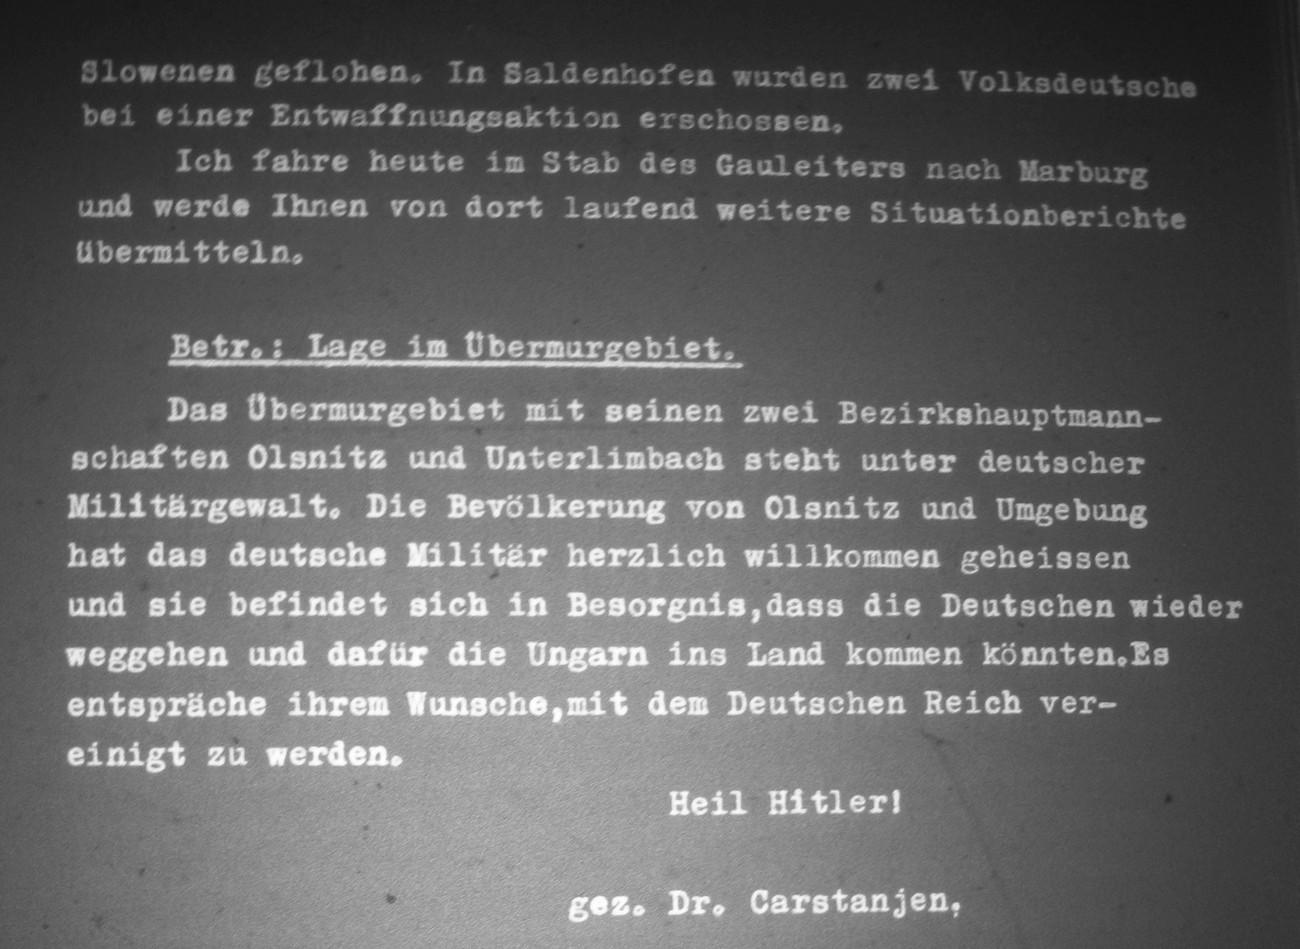 Dr. Helmut Carstanjen 14. aprila 1941 v telegramu, posredovanem iz Gradca v Berlin, kot sodelavec društva »Verein für das Deutschtum im Ausland« poroča o Prekmurju, ki je z okrajema Murska Sobota (Olsnitz) in Dolnja Lendava (Unterlimbach) začasno pod nemškim vojaškim poveljstvom, kar so prebivalci srčno sprejeli, hkrati pa izrazili željo, da bi se pokrajina priključila Nemčiji. 16. aprila so Nemci oblast v Prekmurju predali Madžarom. Politisches Archiv. Auswärtiges Amt. Mikrofilm-Nr.: 105.128. R 29.663